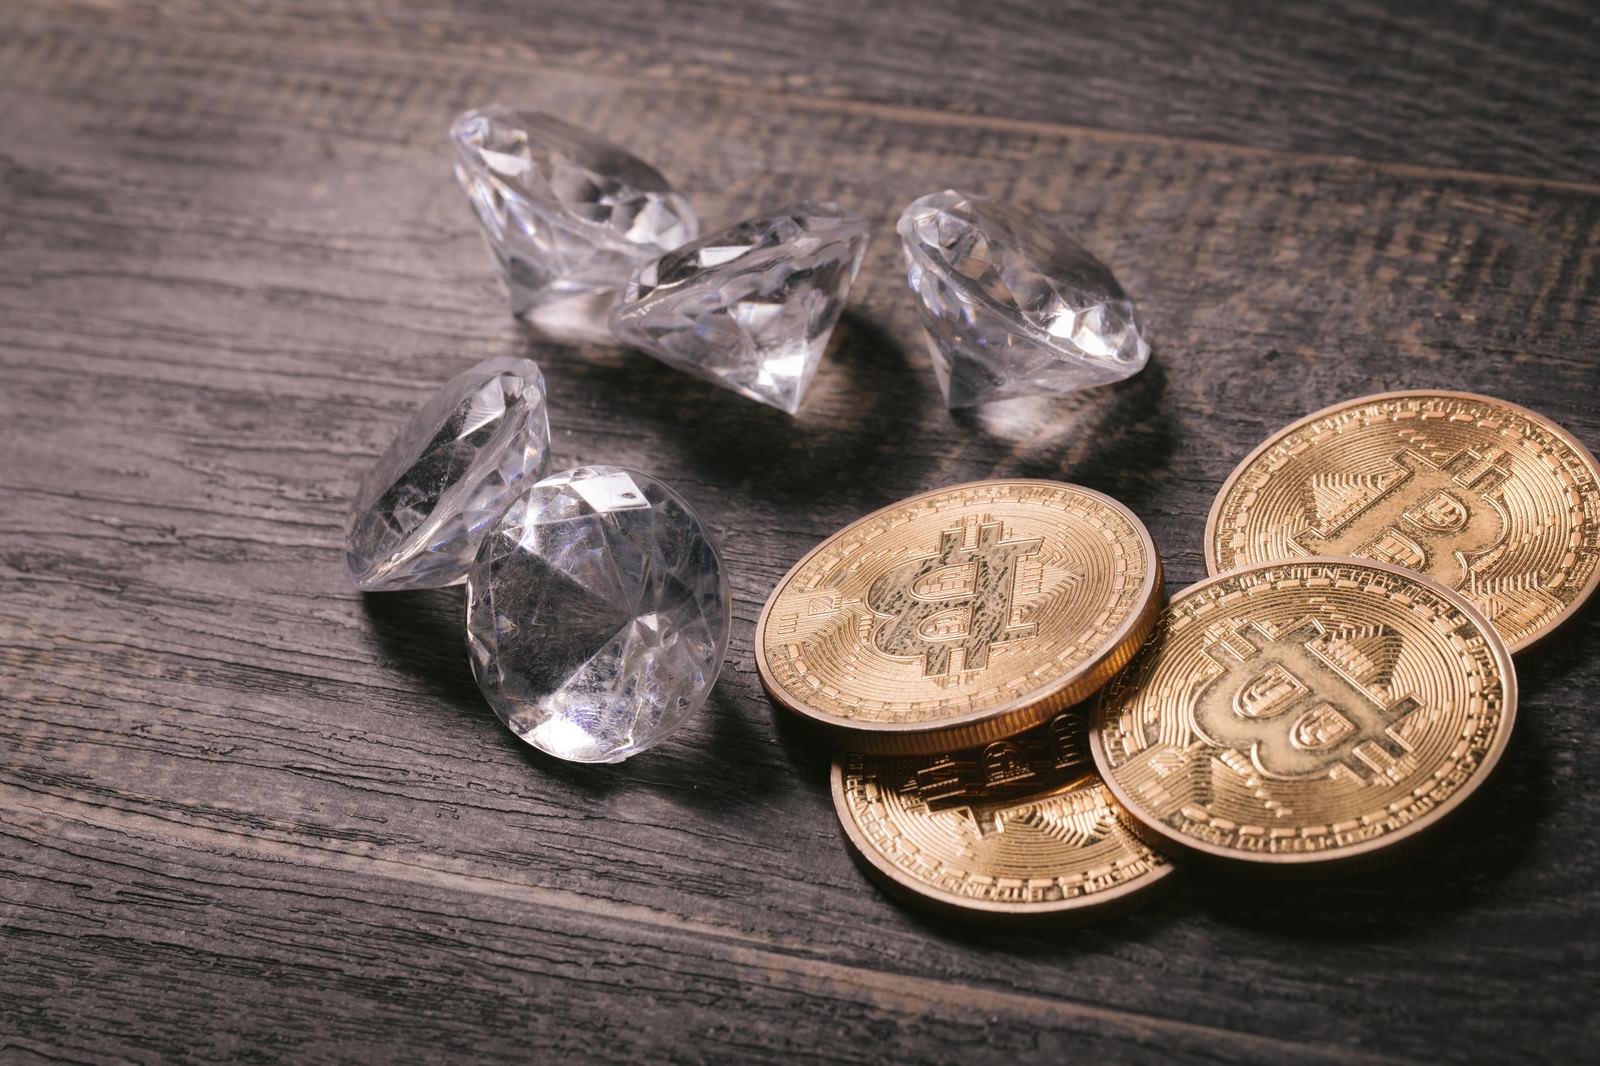 「ビットコインダイヤモンド(BCD)」の写真